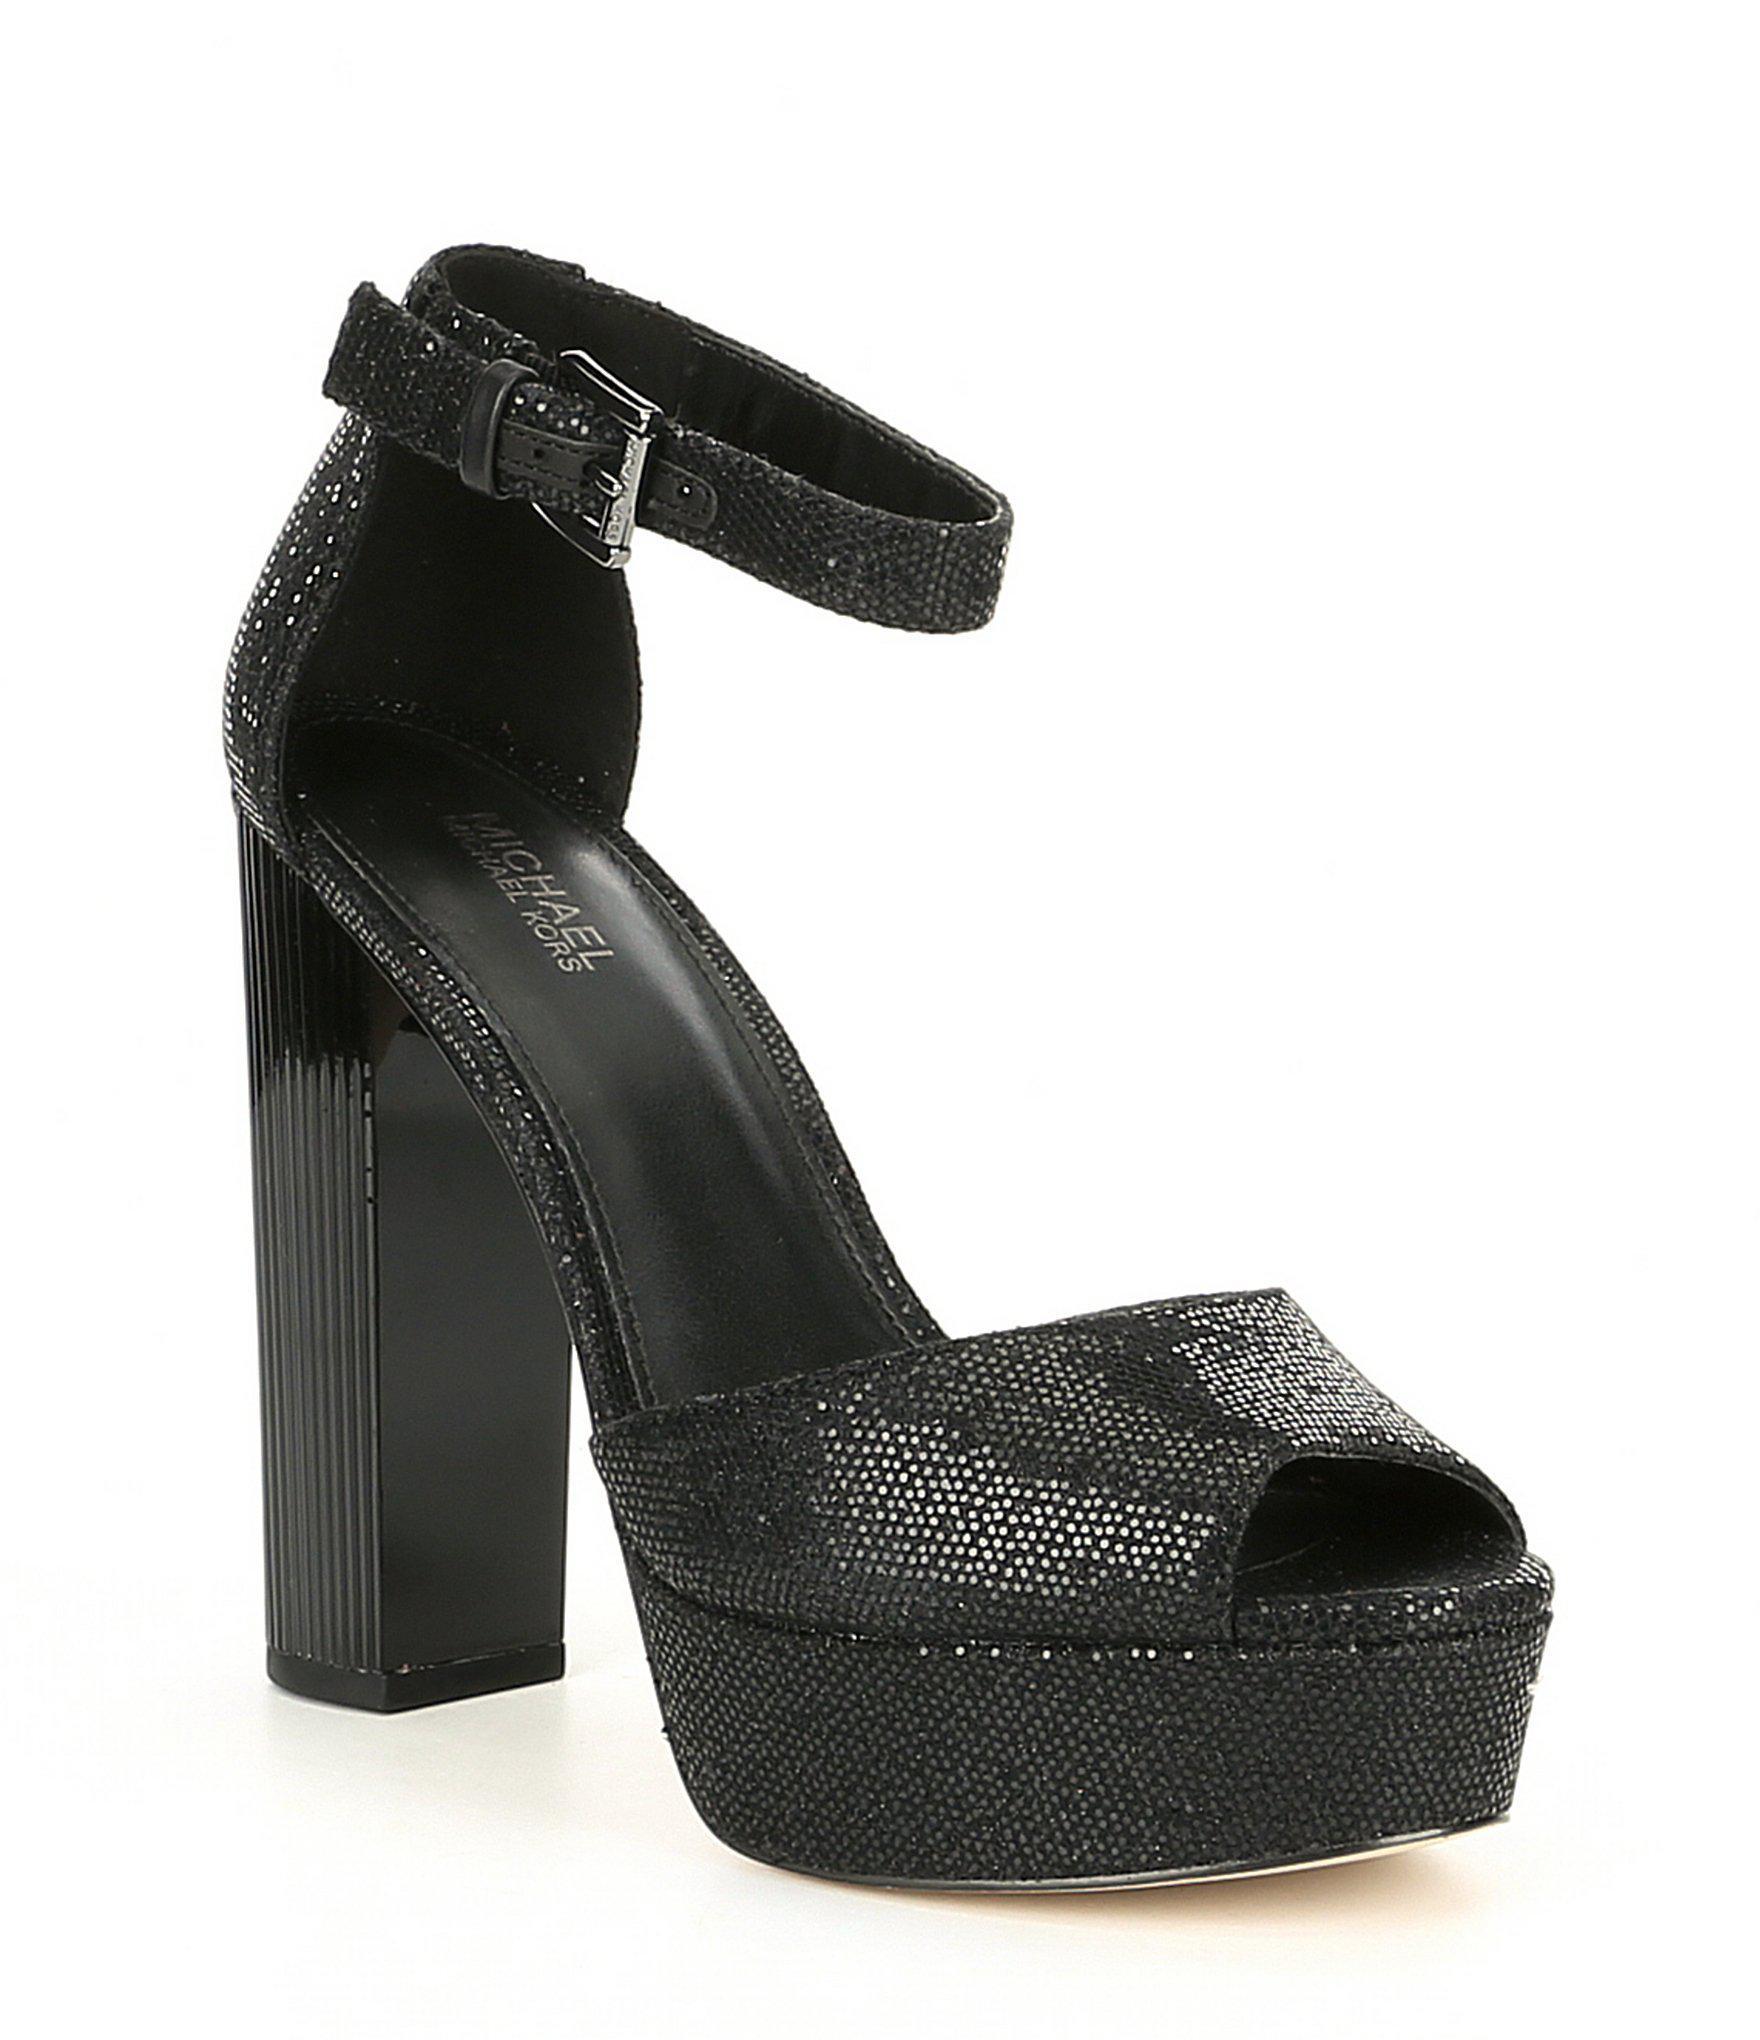 f70a6f7dd890 MICHAEL Michael Kors Paloma Platform Dress Sandals in Black - Lyst